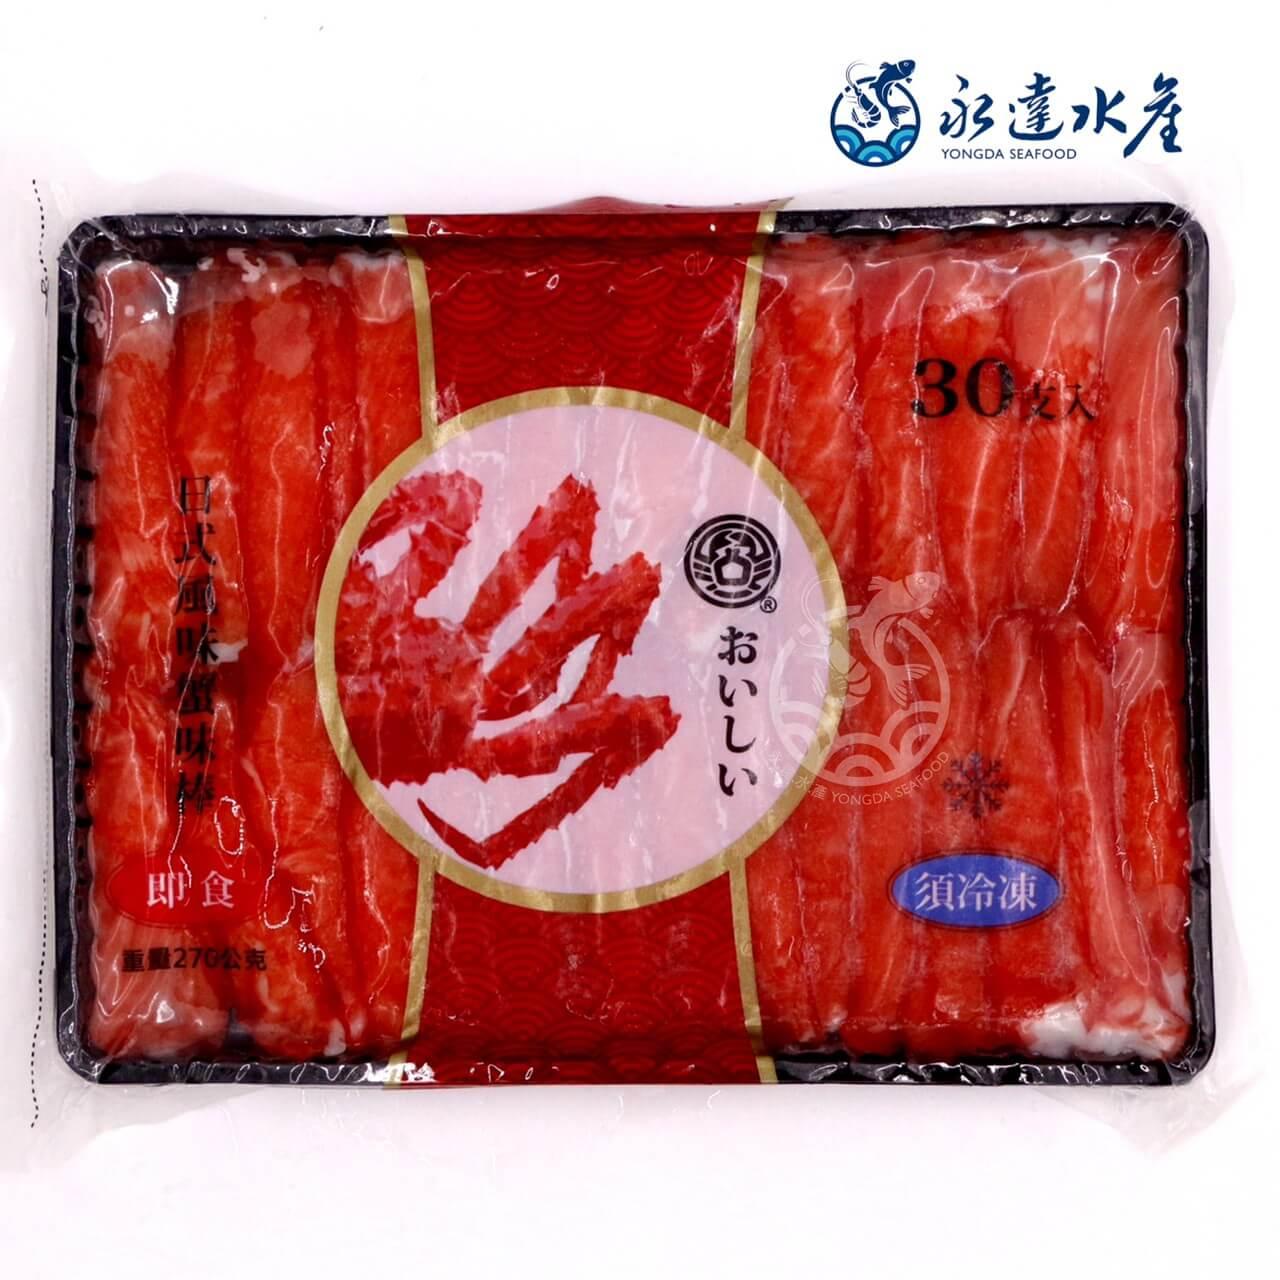 水產|海鮮|即食松葉蟹味棒|蟹味棒|蟹肉棒|蟳味棒|蟹棒|蟹柳|魚漿